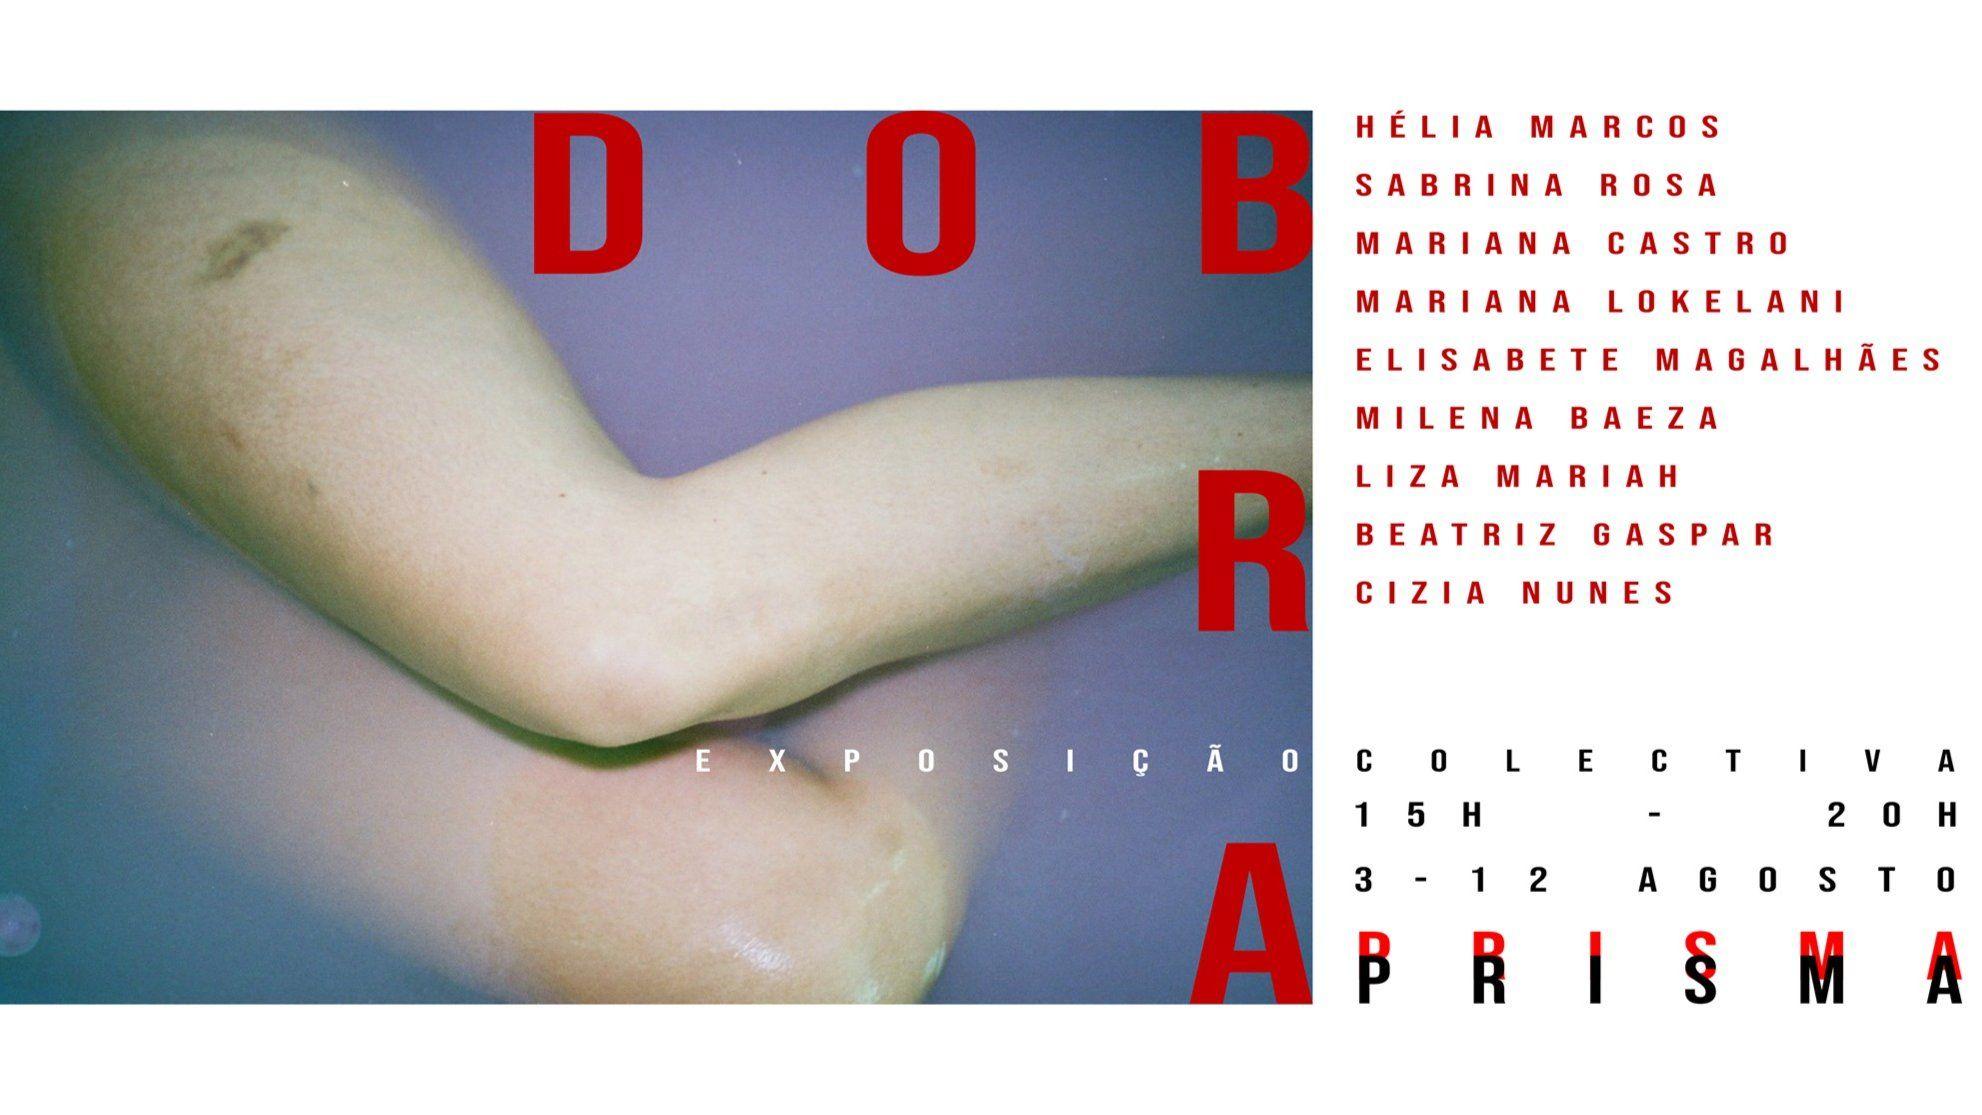 DOBRA / Exposição Colectiva